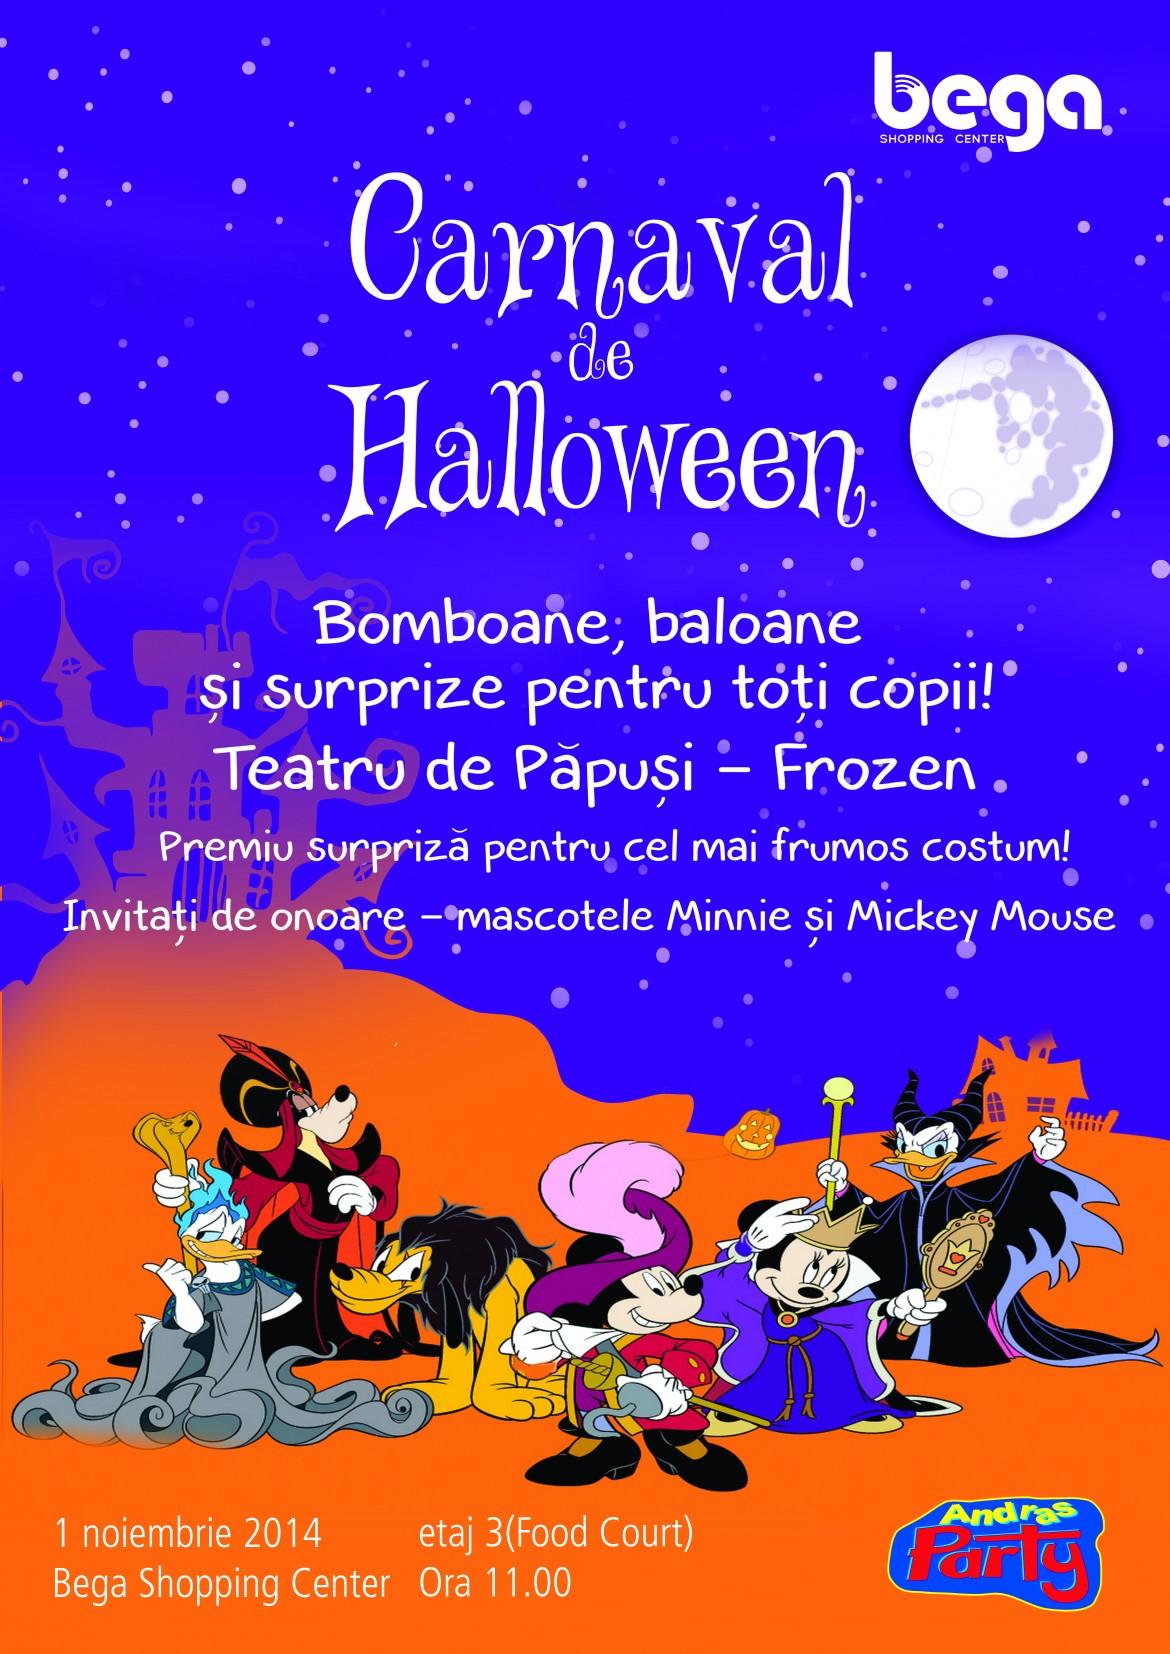 Carnaval de halloween la Bega Shopping Center